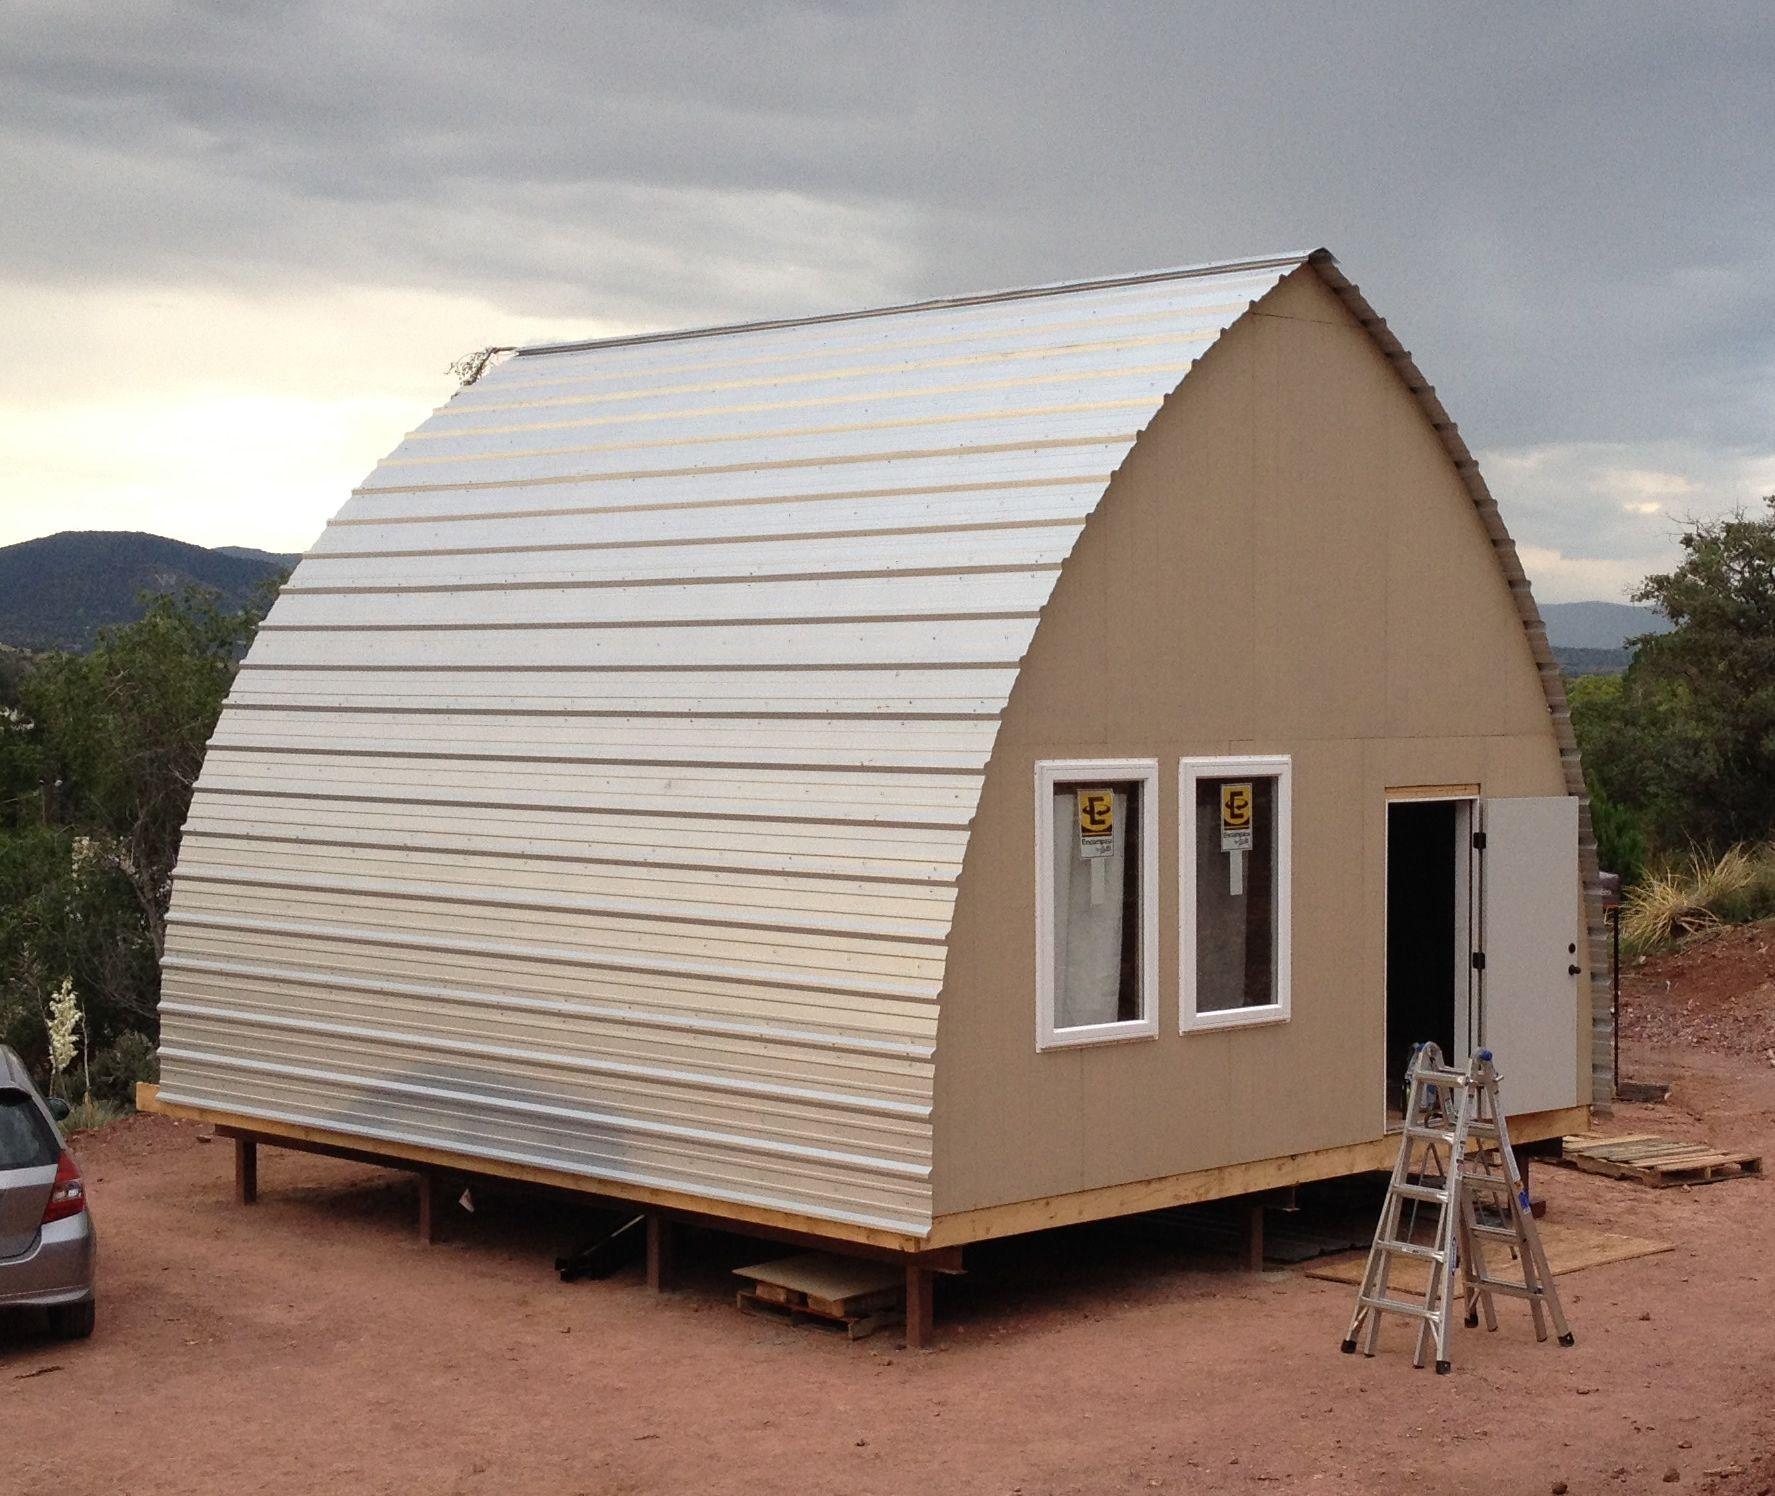 Pin de susana patricia en refugios prefabricados - Refugios de madera prefabricados ...